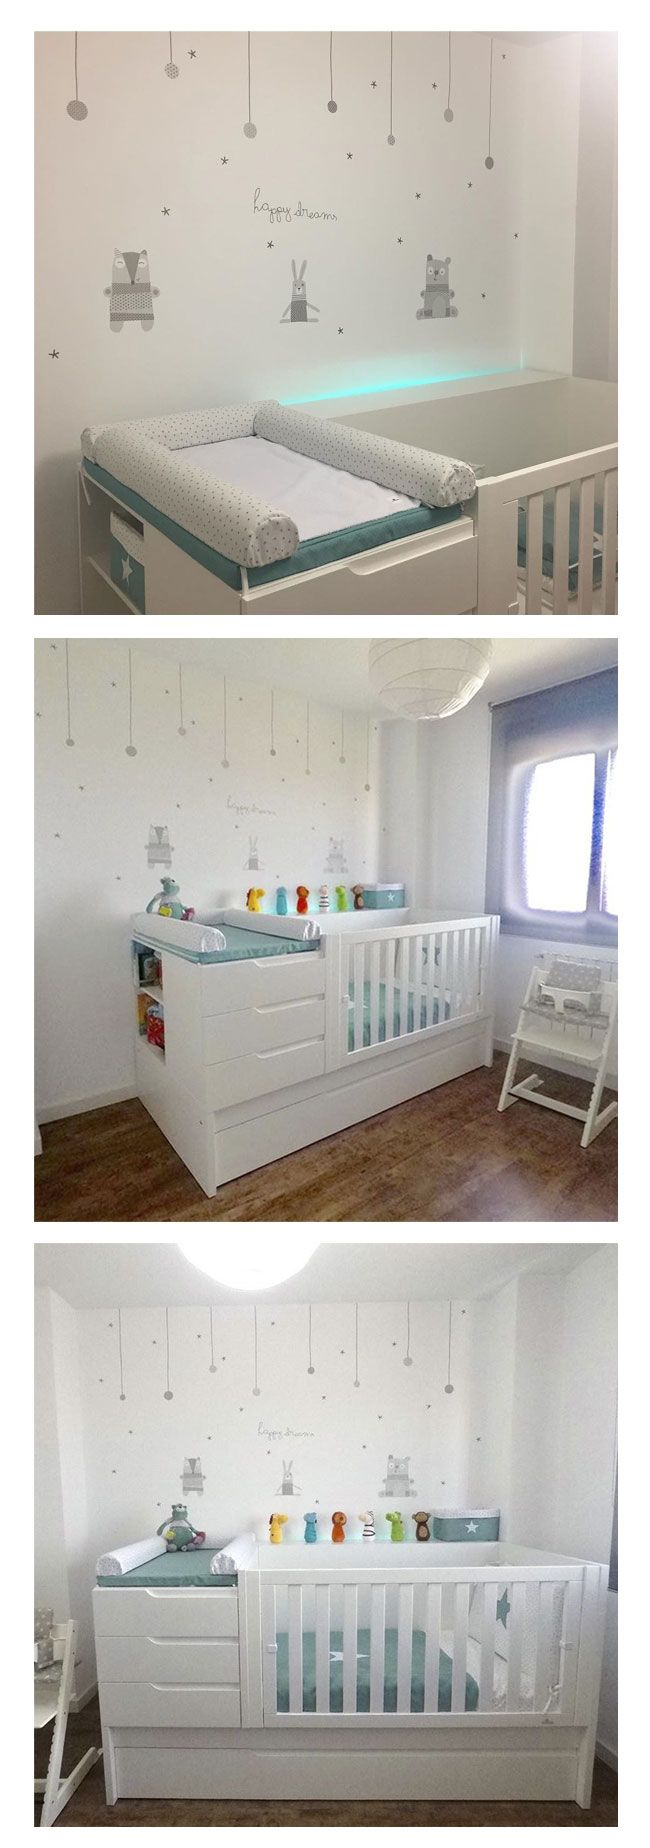 Preciosa la habitaci n de beb con la cuna convertible y - Habitacion convertible bebe ...